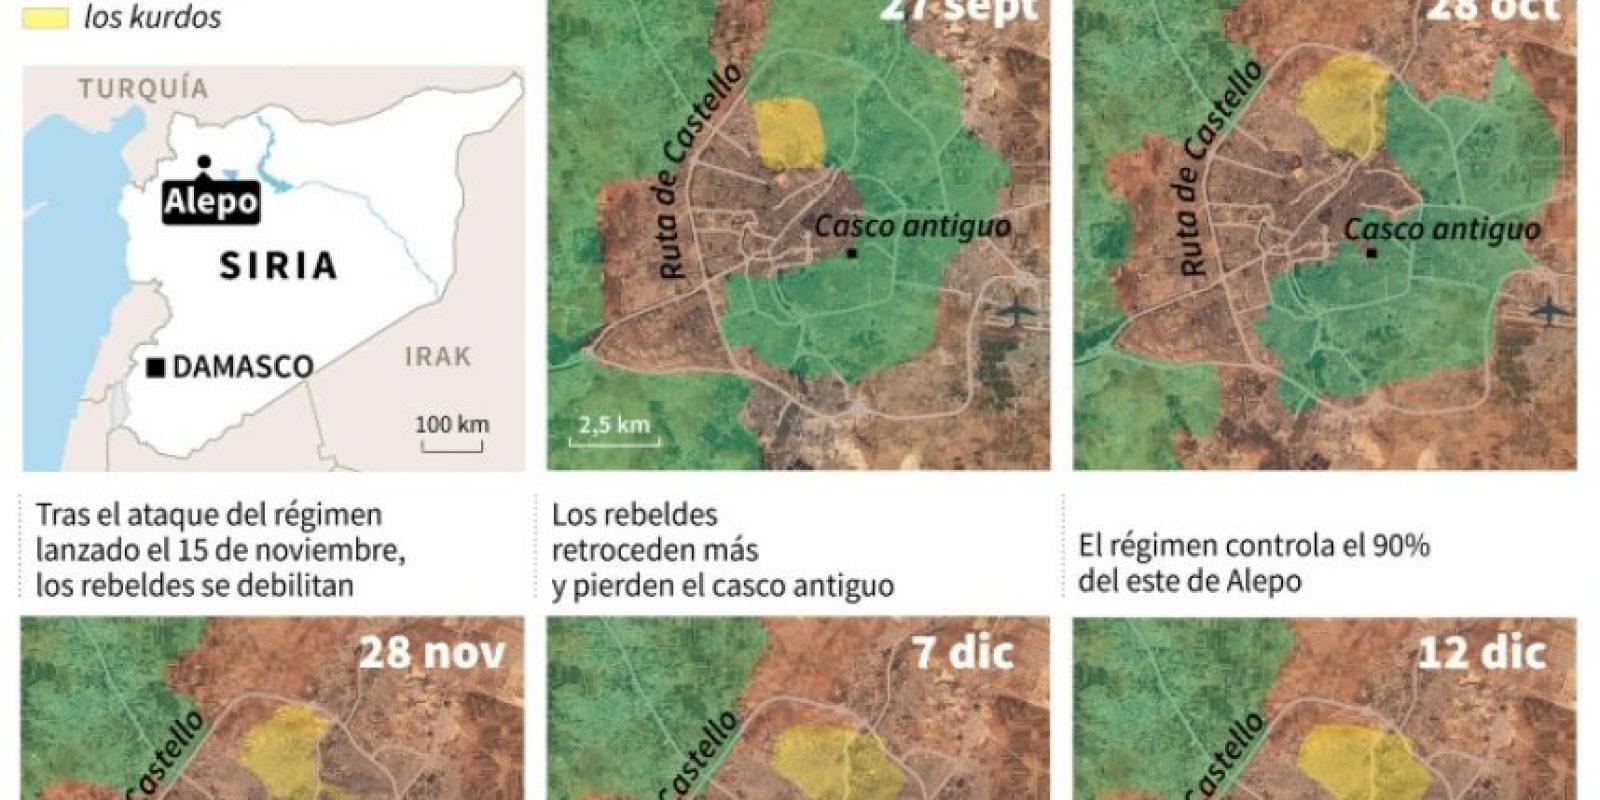 Alepo: el derrumbe de los rebledes Foto:Kun TIAN, Simon MALFATTO, Laurence SAUBADU, Marimé Brunengo/afp.com